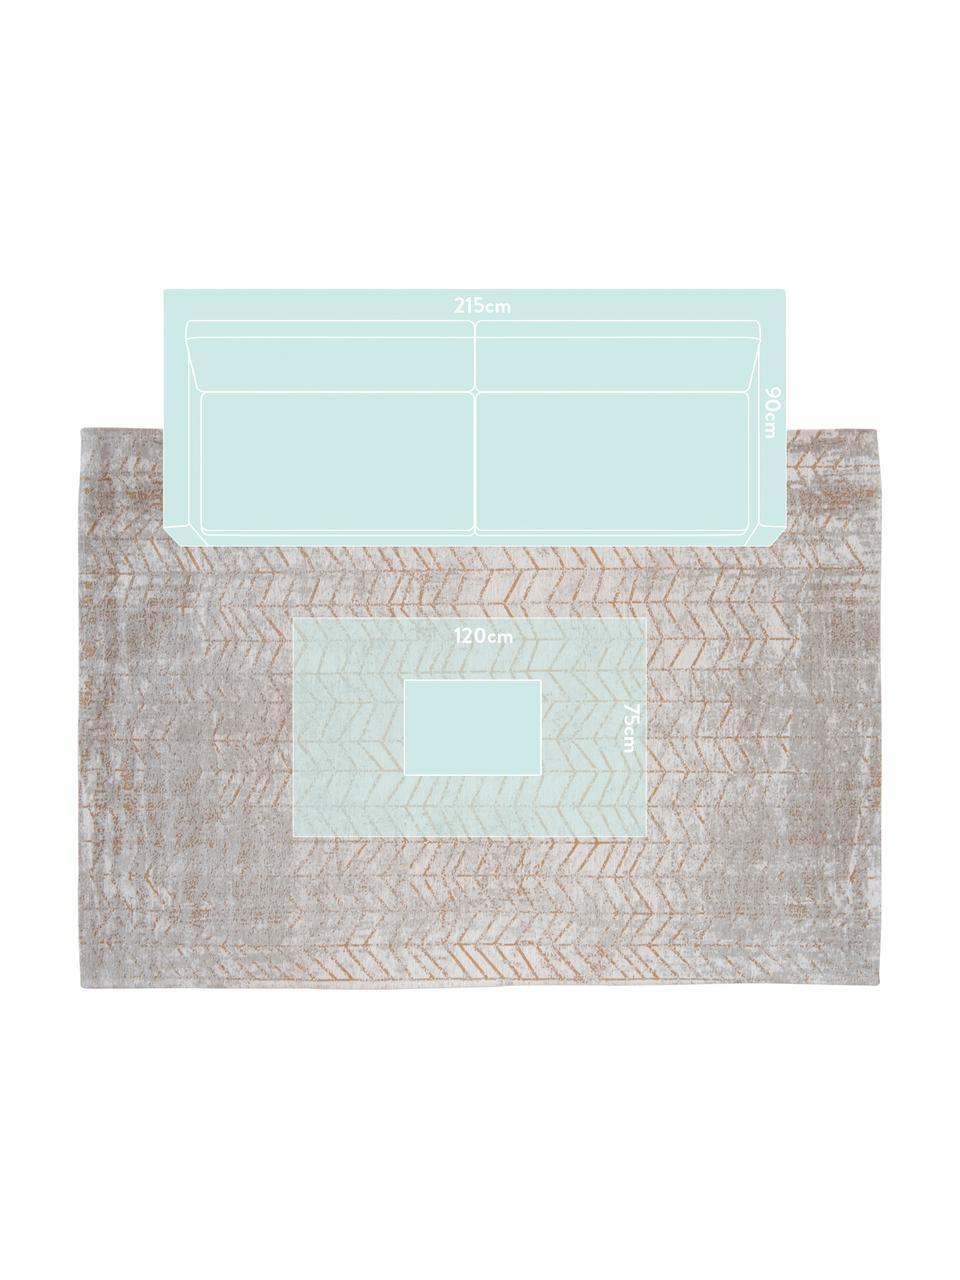 Tappeto con motivo a zigzag dorato J. Ladder, Tessuto: Jacquard, Retro: Miscela di cotone, rivest, Tonalità grigie, bianco latteo, dorato, Larg. 140 x Lung. 200 cm (taglia S)